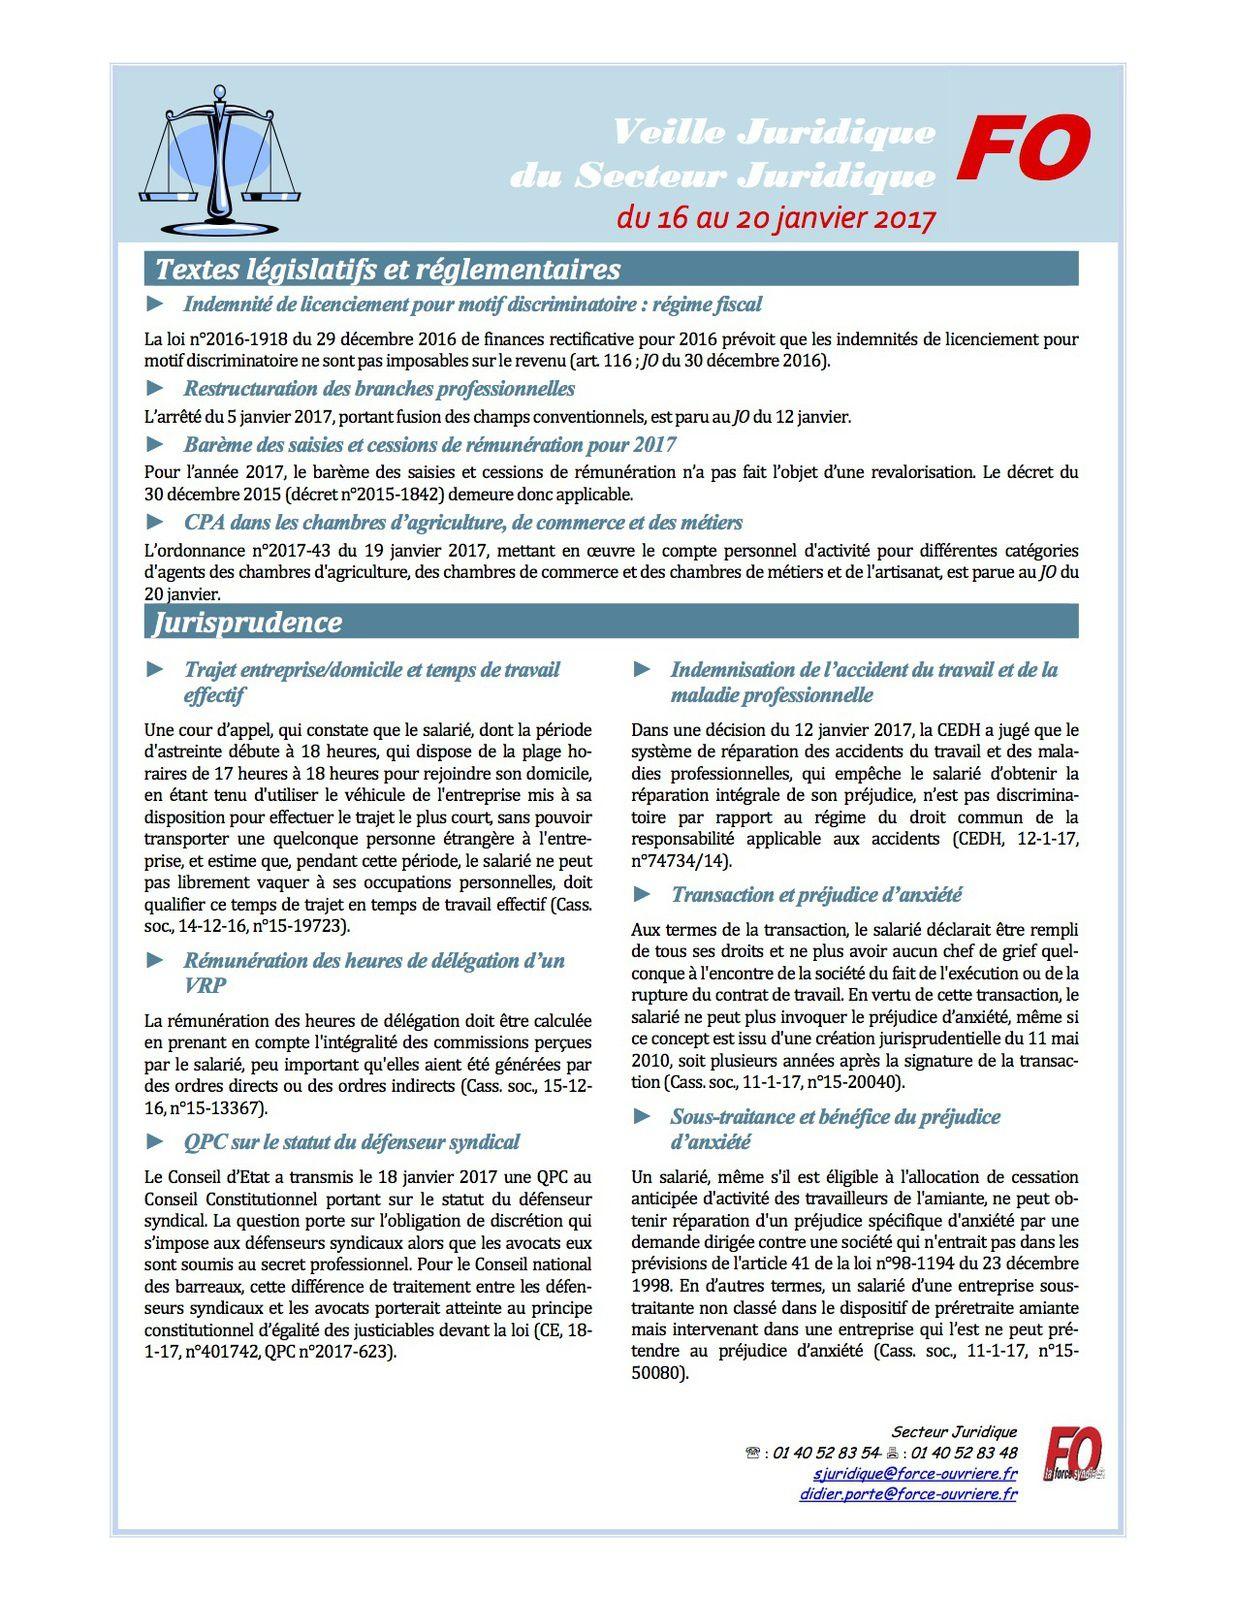 Documents joints  Veille Juridique du 16 au 20 janvier 2017 21 JANVIER PDF858.8 KO